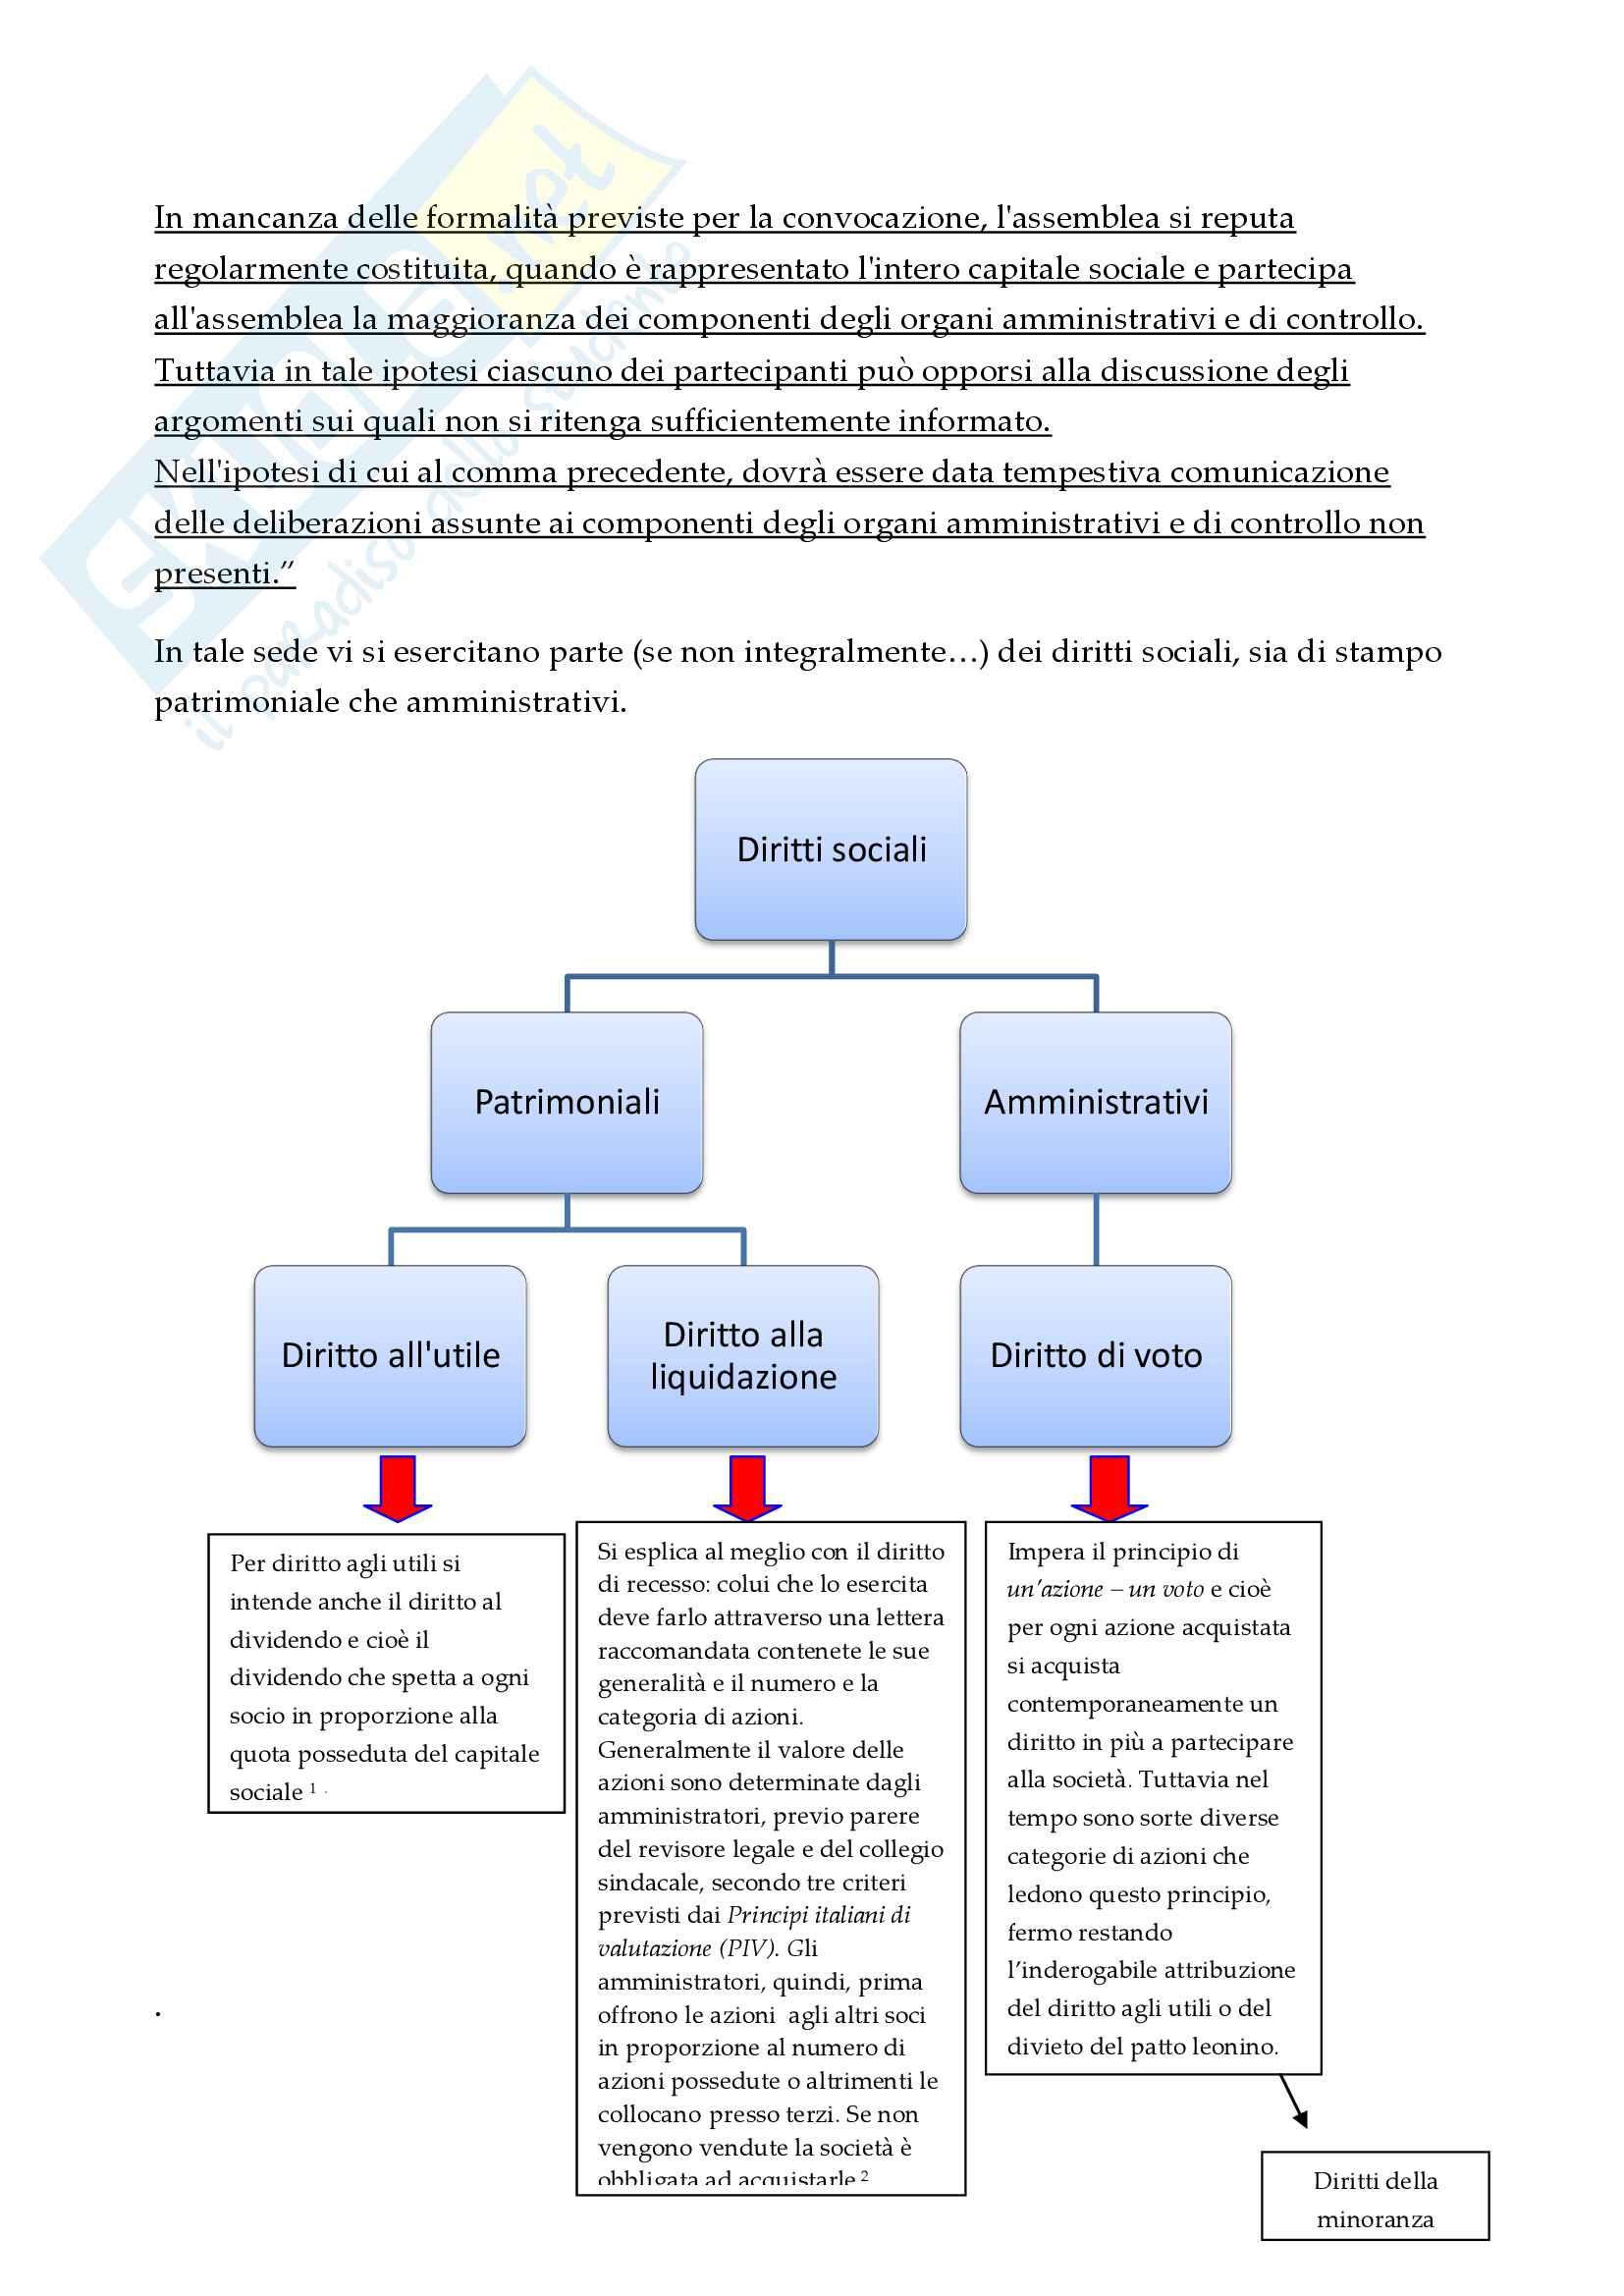 Principi generali - S.p.A. e differenze tra la società di persone e di capitali Pag. 11